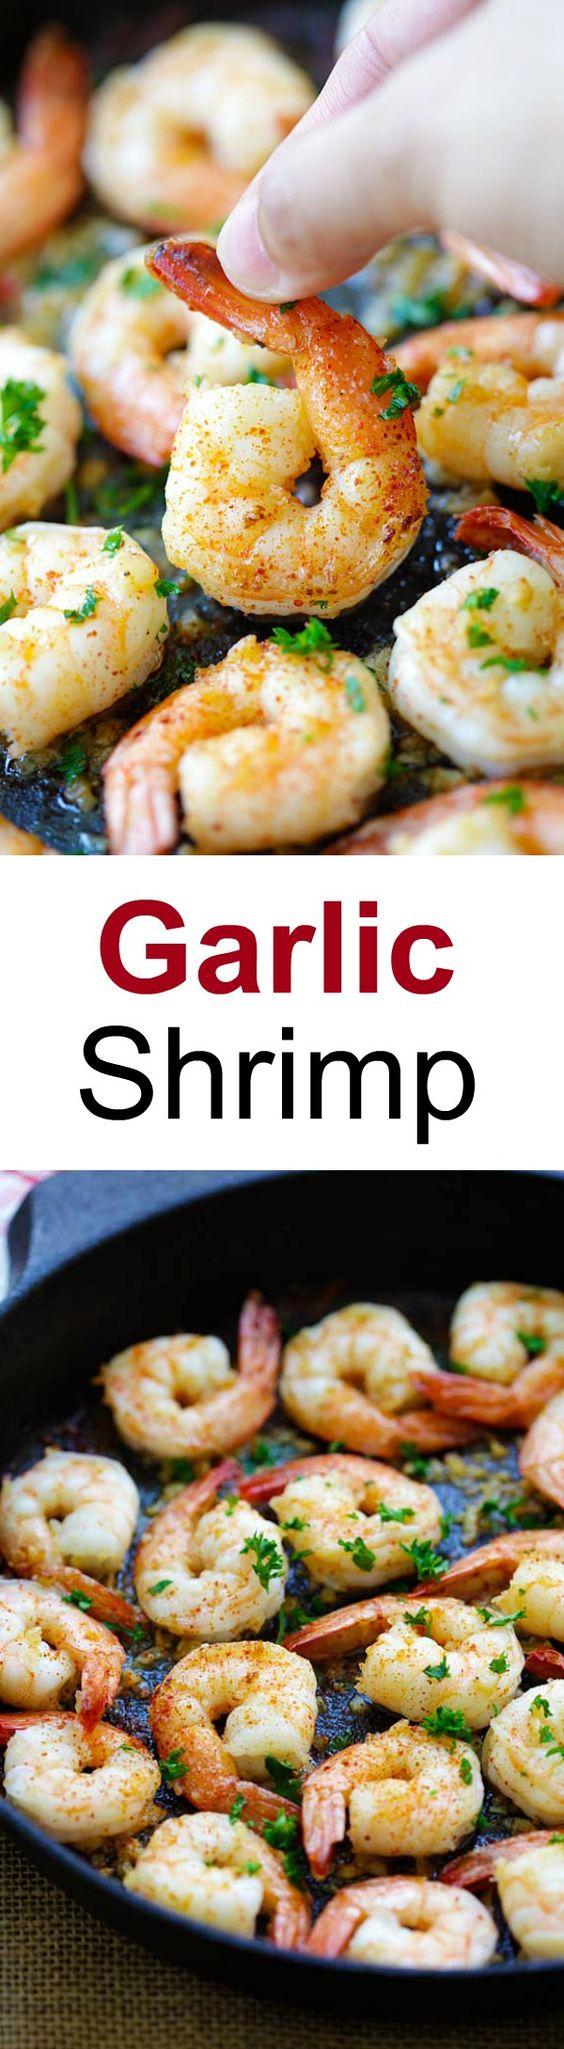 Garlic Shrimp | Recipe | Garlic Shrimp, Sauteed Shrimp and Shrimp